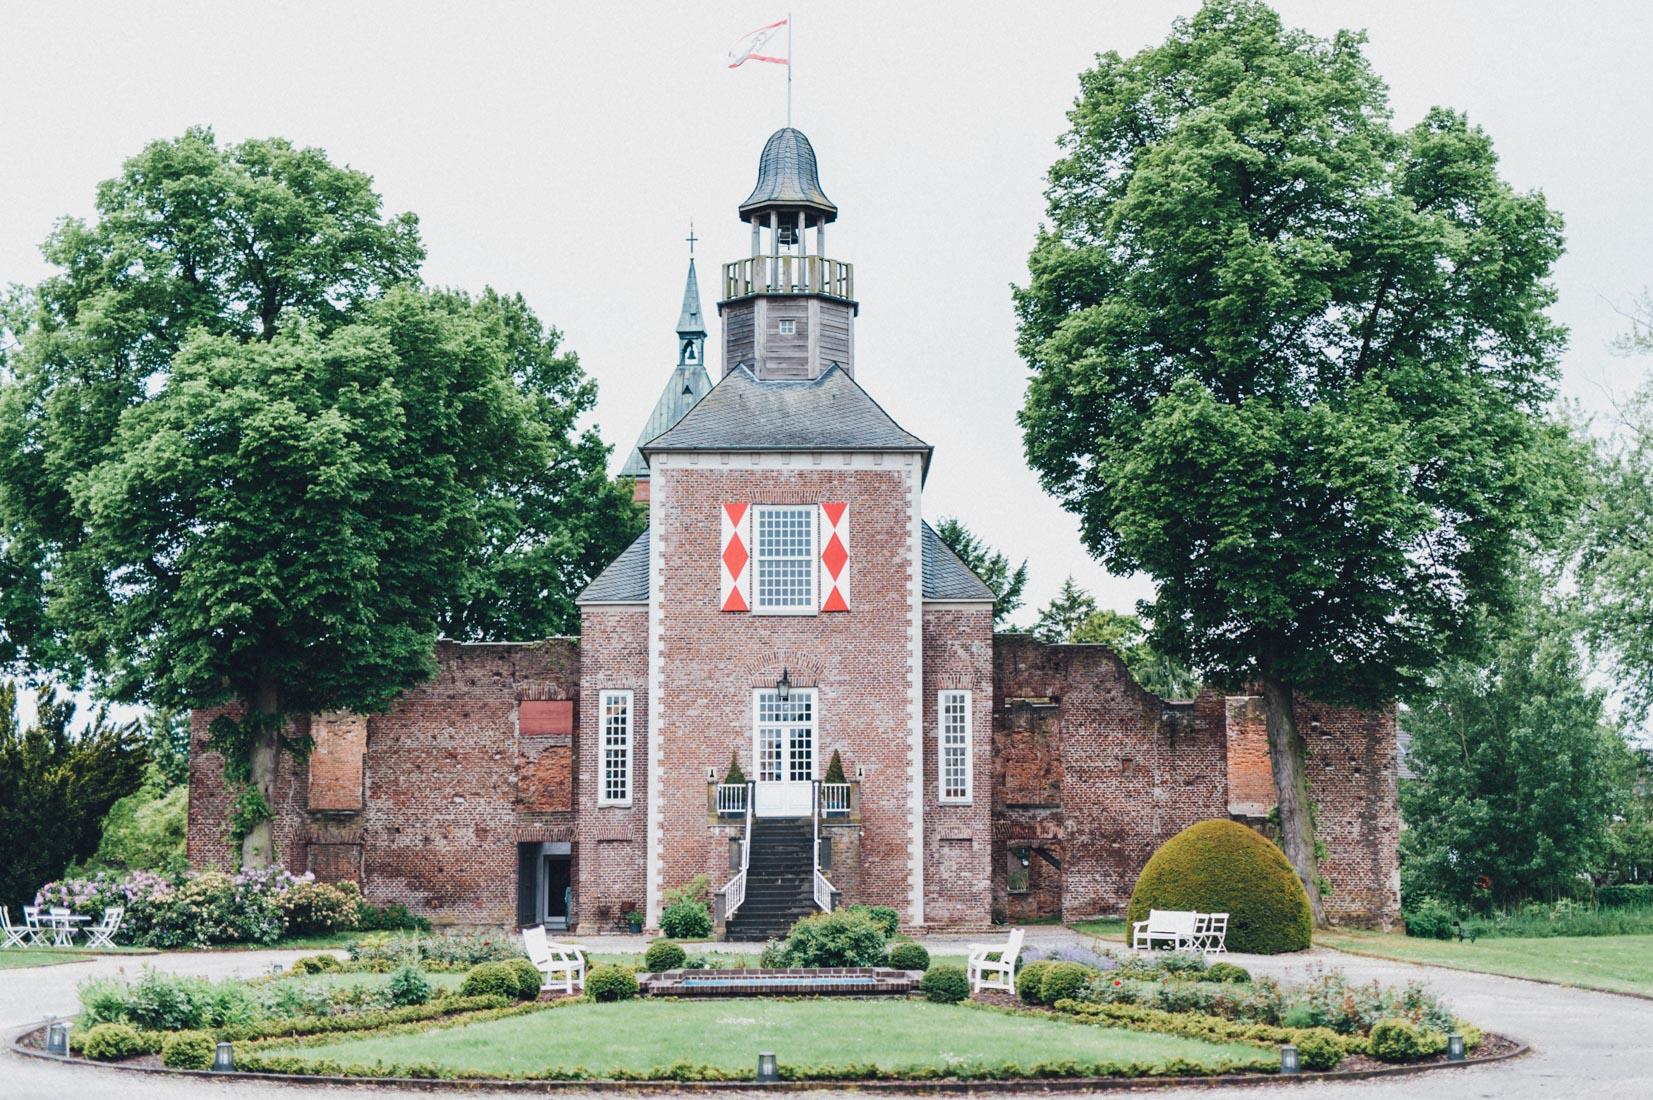 schloss-hertefeld-hochzeitsfotograf-pastel-vintage-hertefeld-hochzeit-